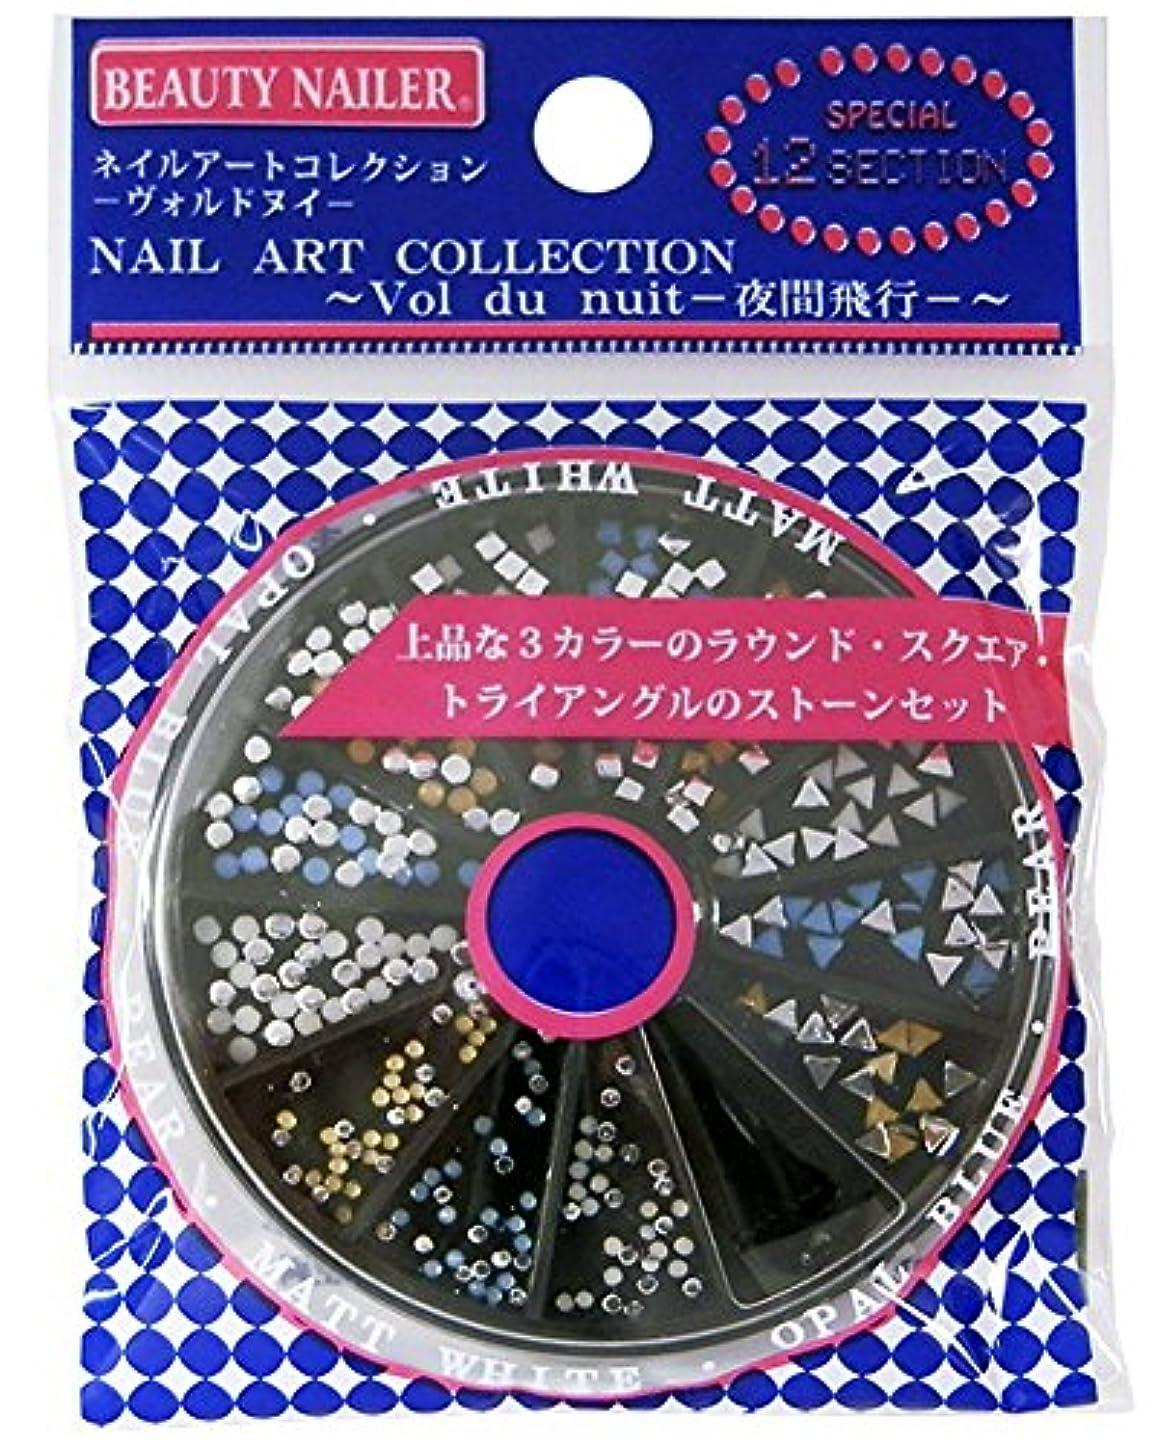 惨めなライトニング作業ビューティーネイラー ネイル用ストーン ネイルアートコレクション ヴォルドヌイ NAA-46